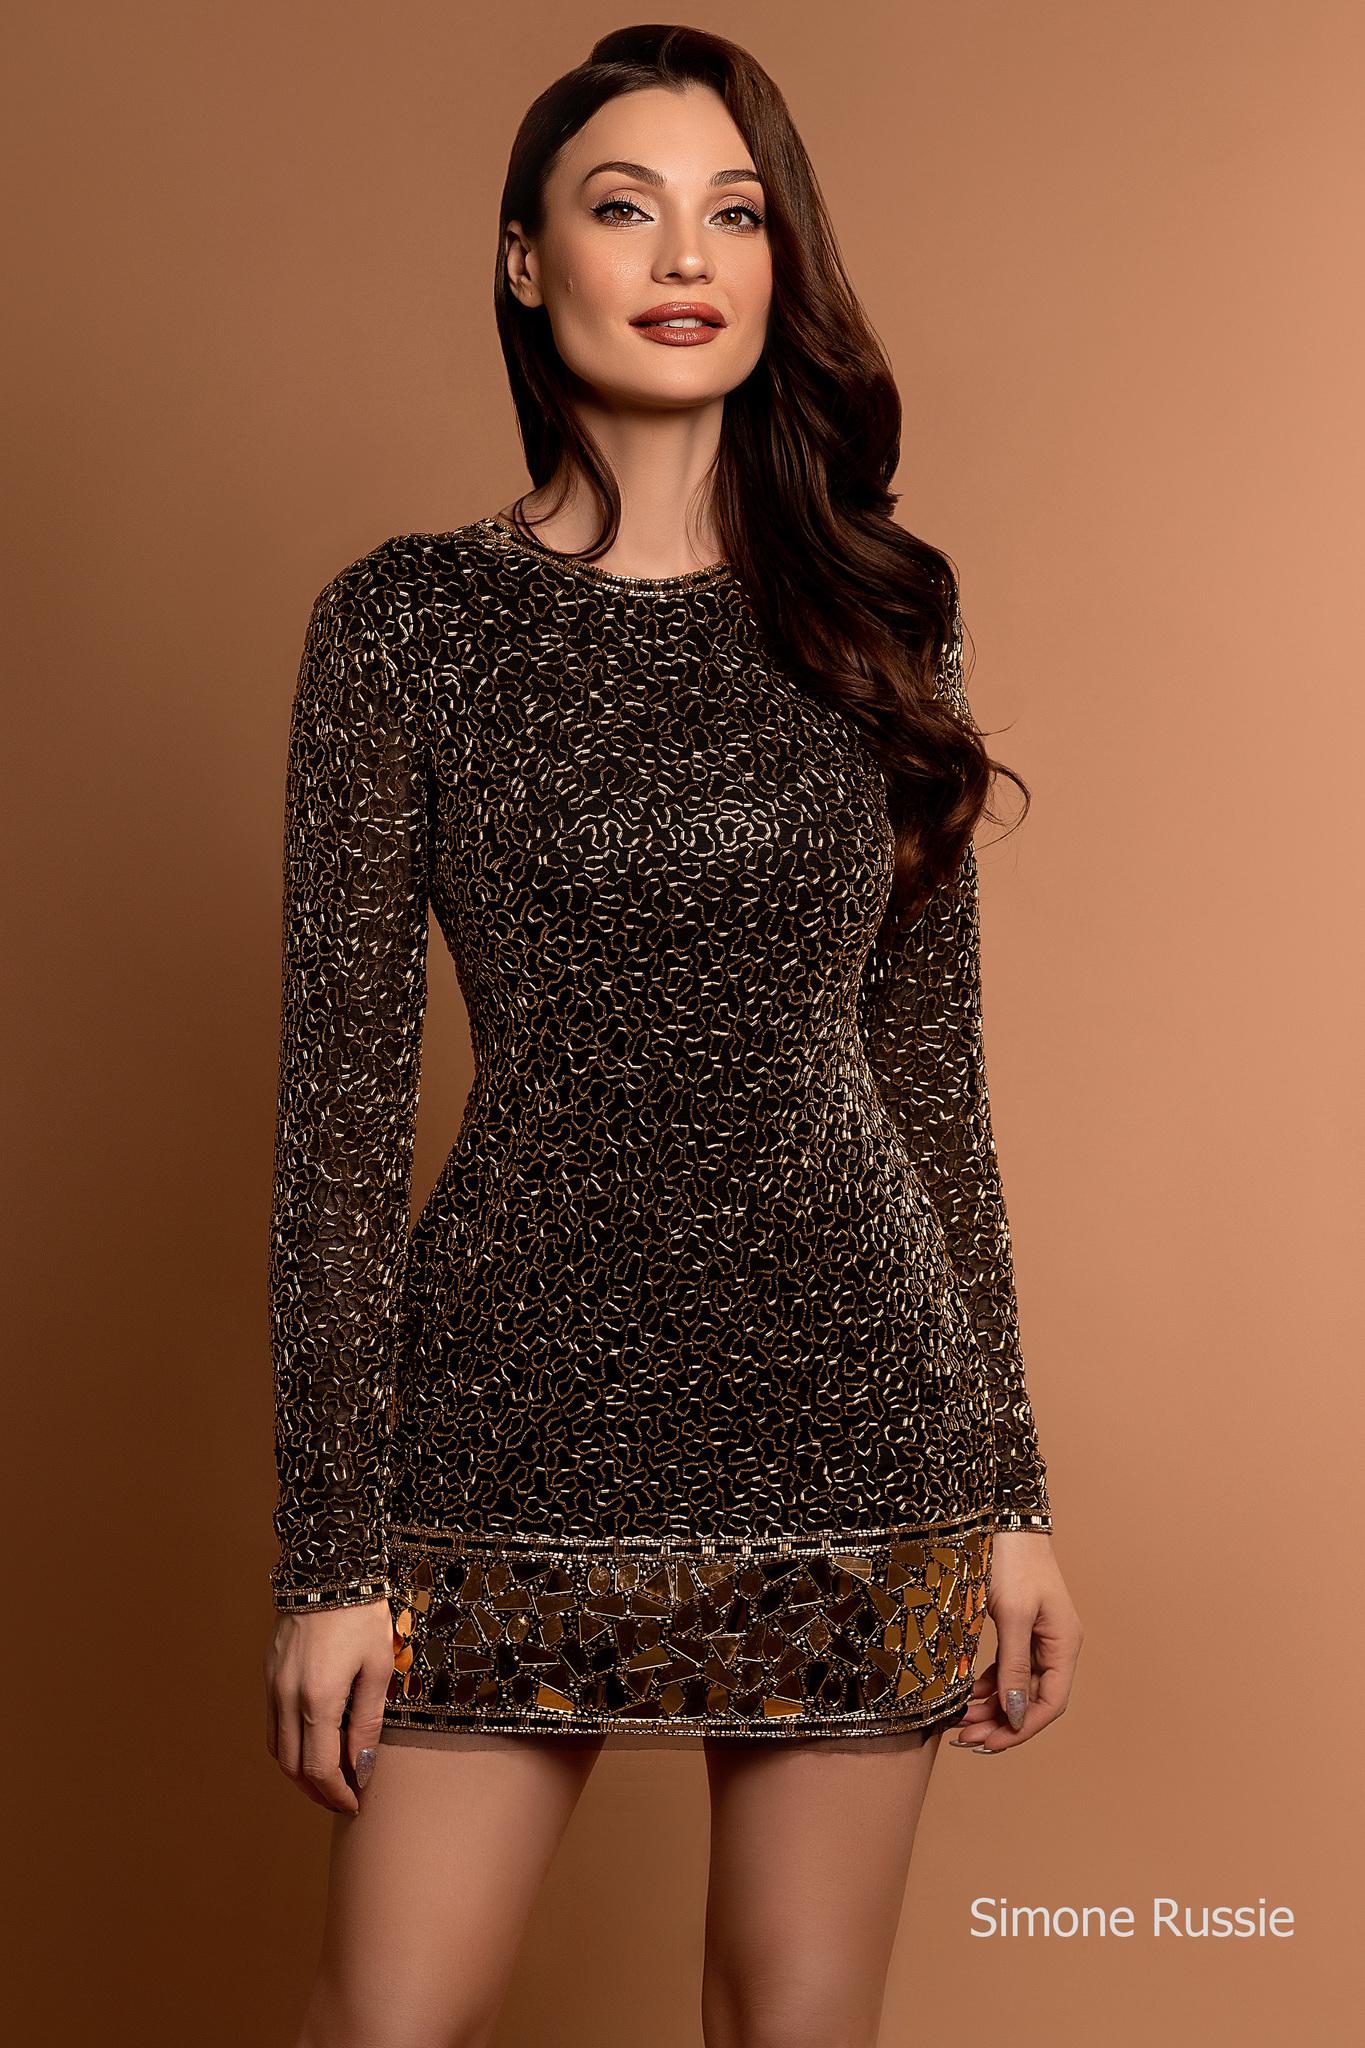 Simone Russie SR1959 Элегантное платье средней длины расшитое золотым бисером